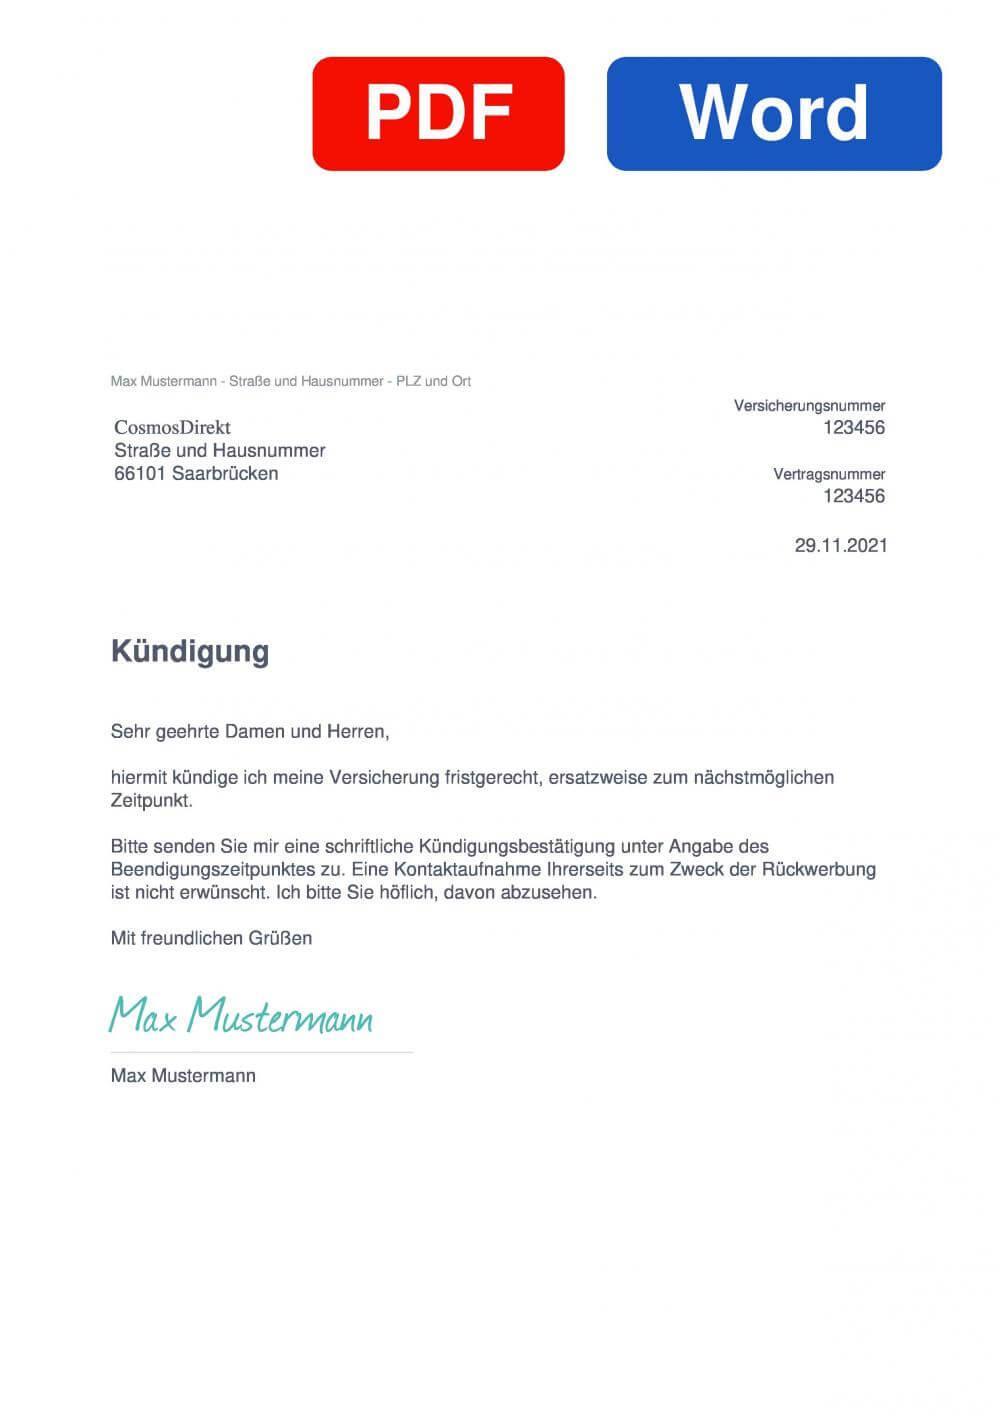 CosmosDirekt KFZ Versicherung Muster Vorlage für Kündigungsschreiben